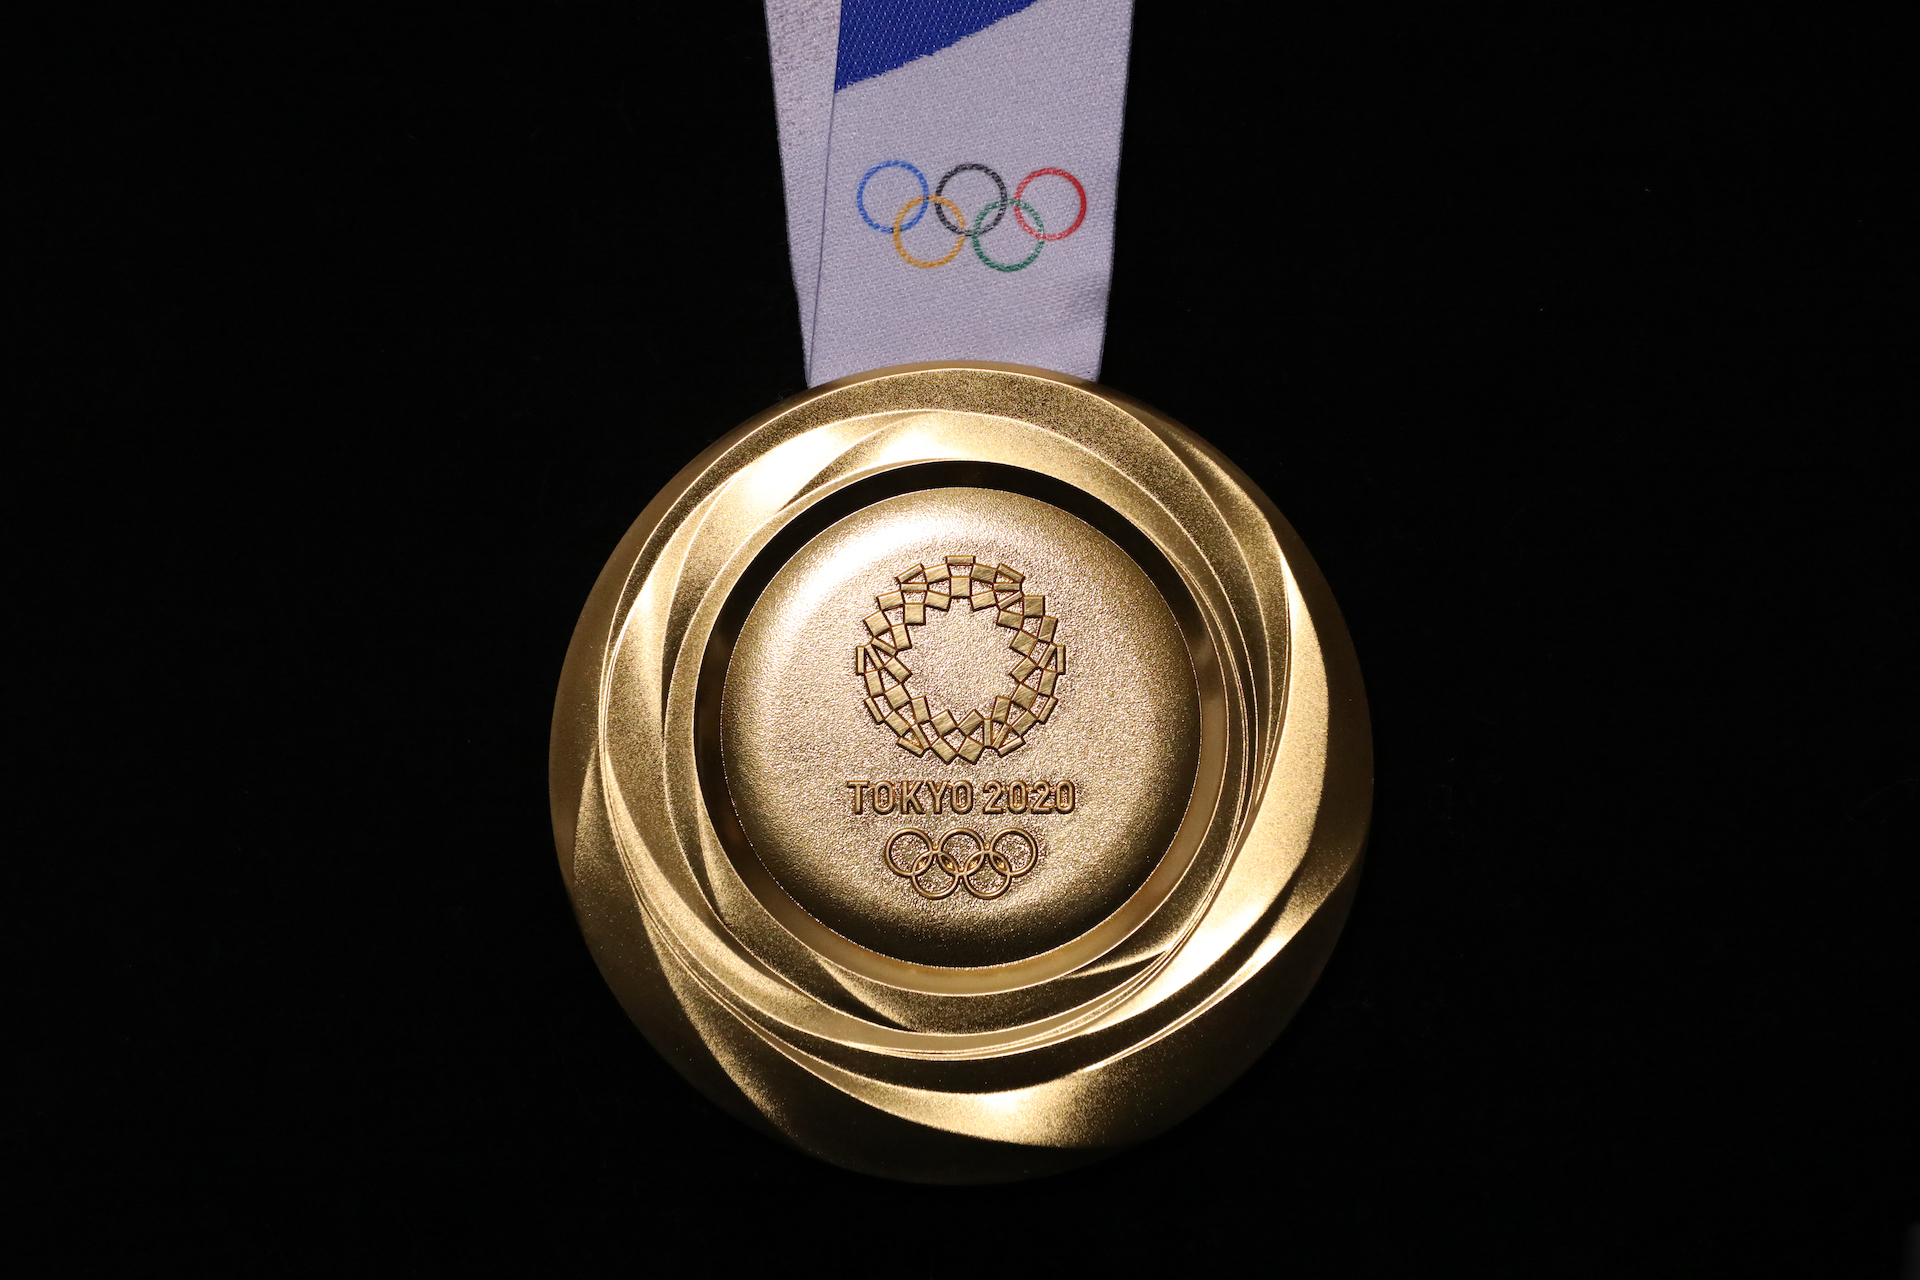 Tokyo 2020 gold medal